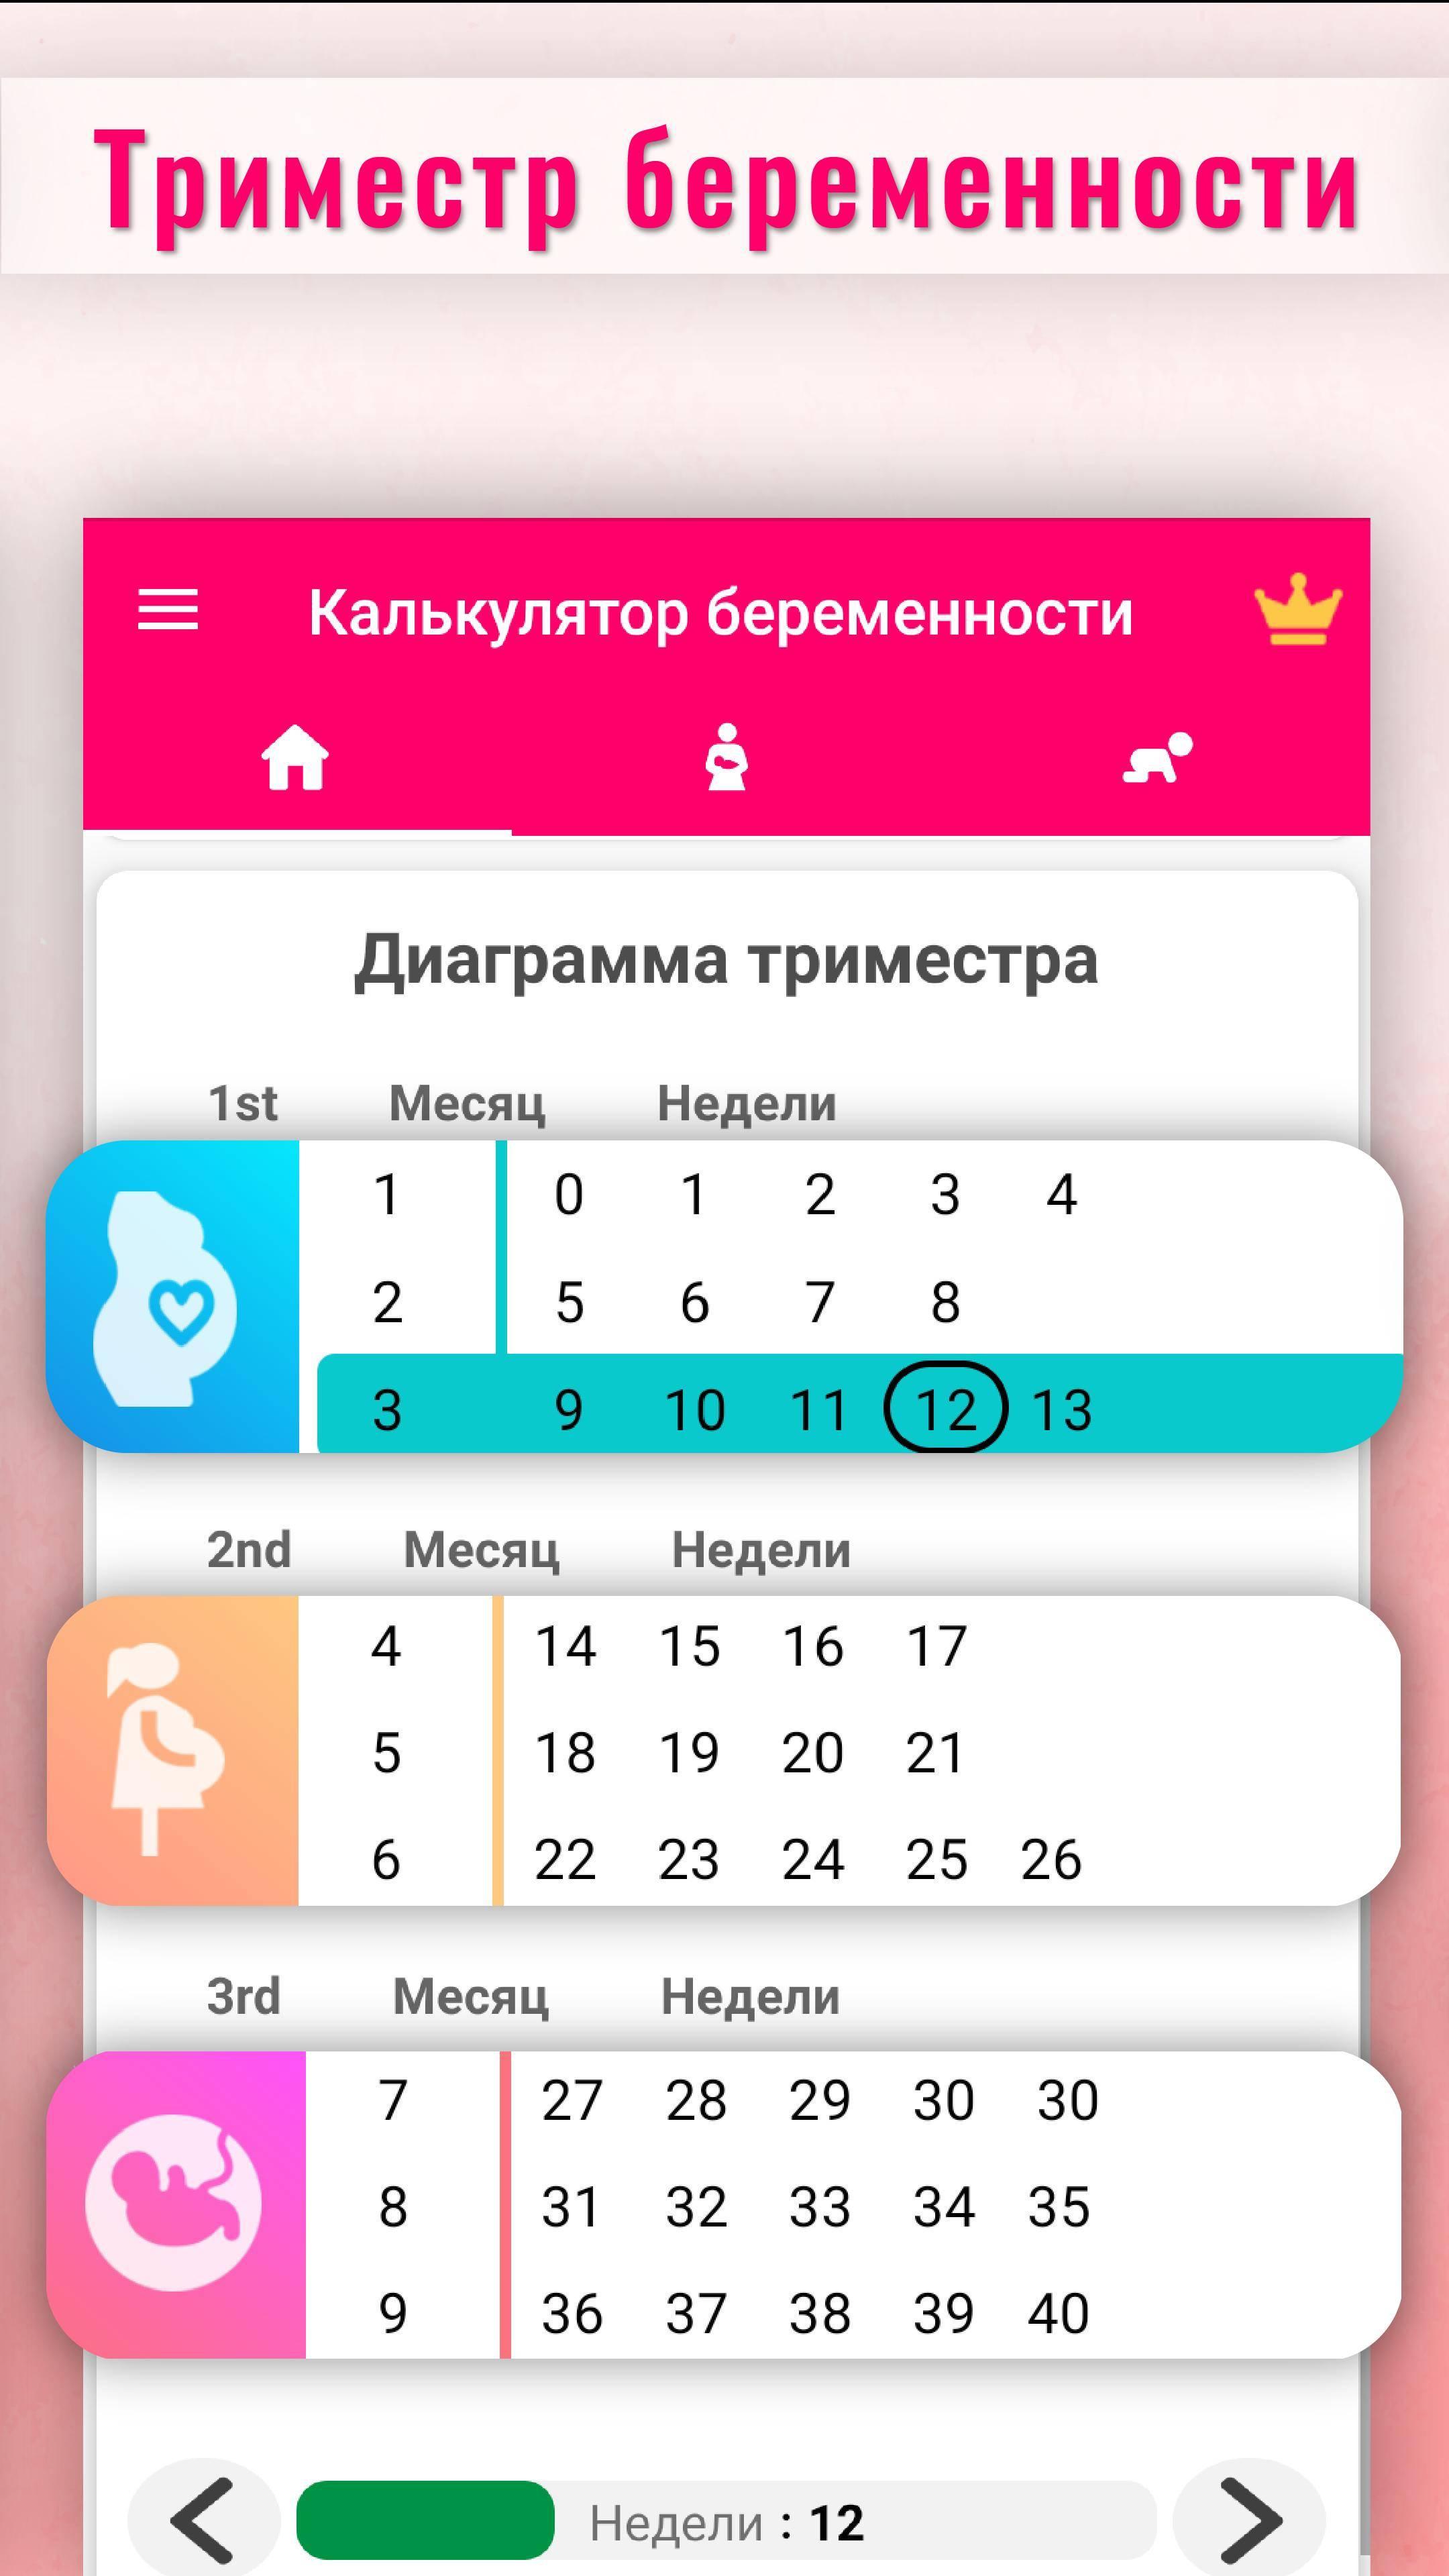 Рассчитать срок беременности по неделям, онлайн - калькулятор